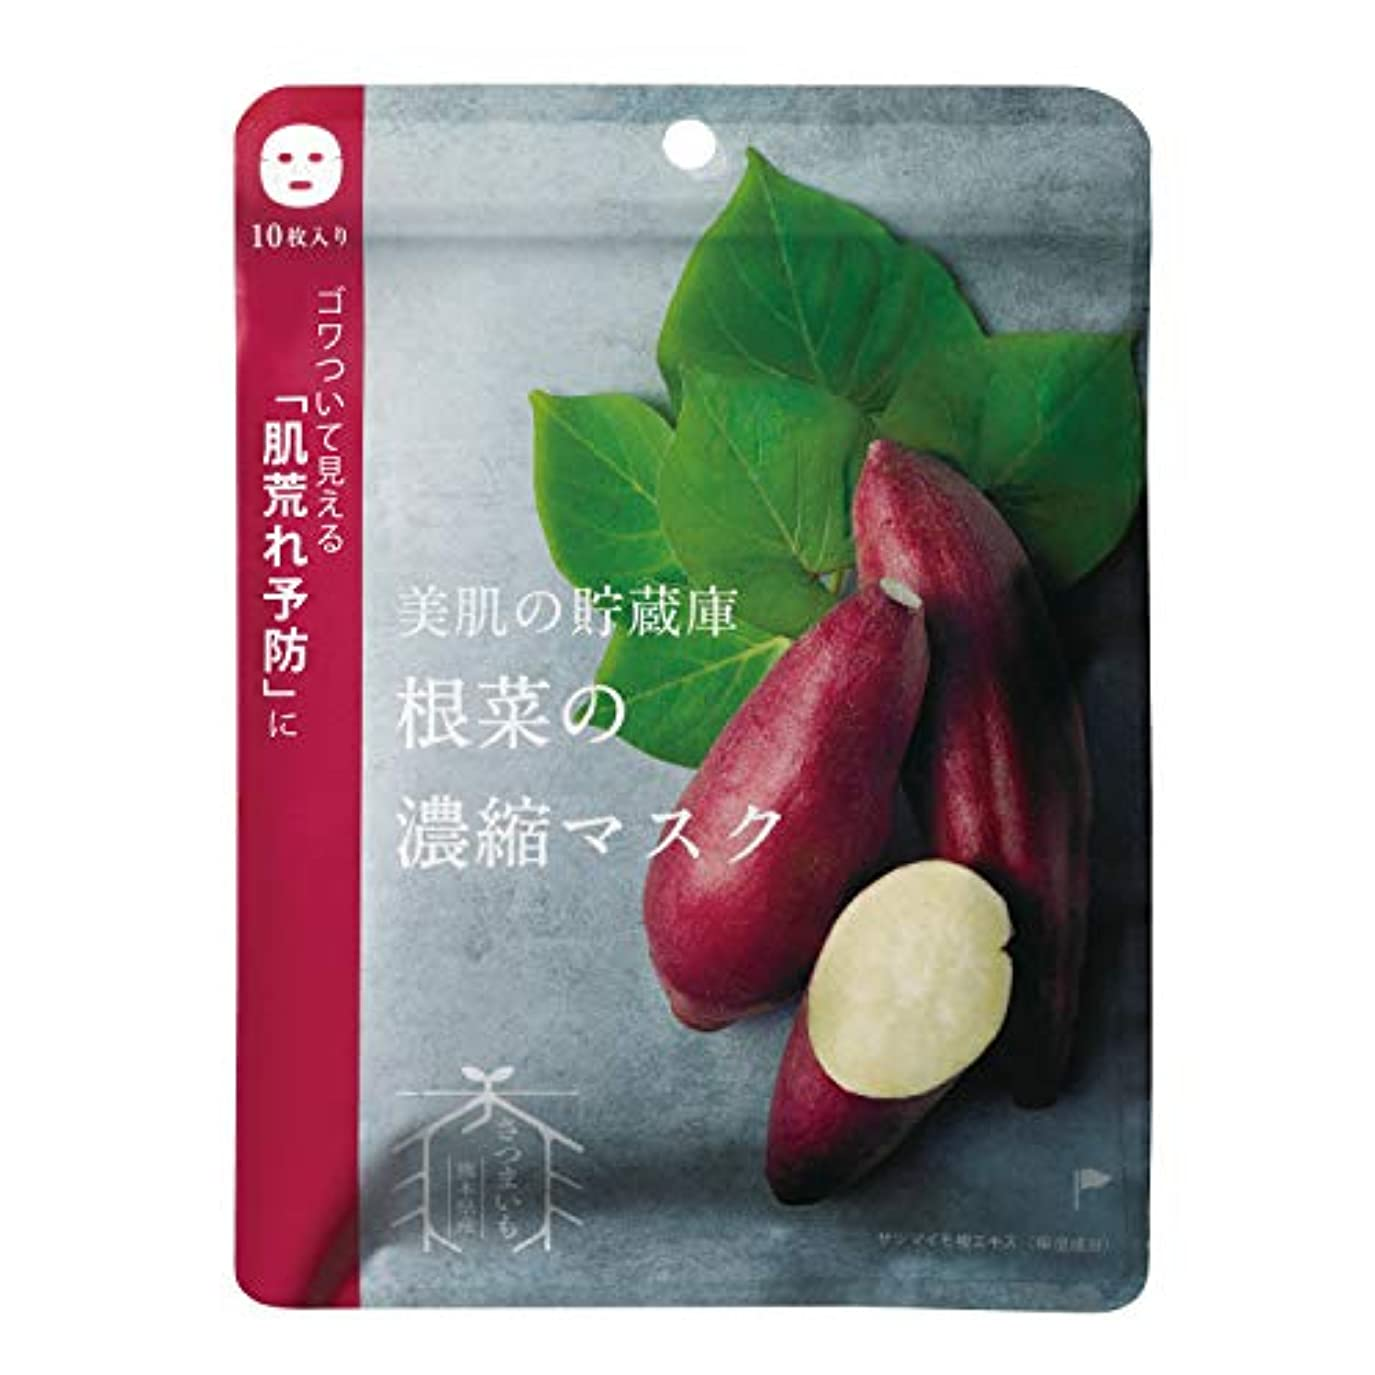 敗北吐く同一の@cosme nippon 美肌の貯蔵庫 根菜の濃縮マスク 安納いも 10枚 160ml